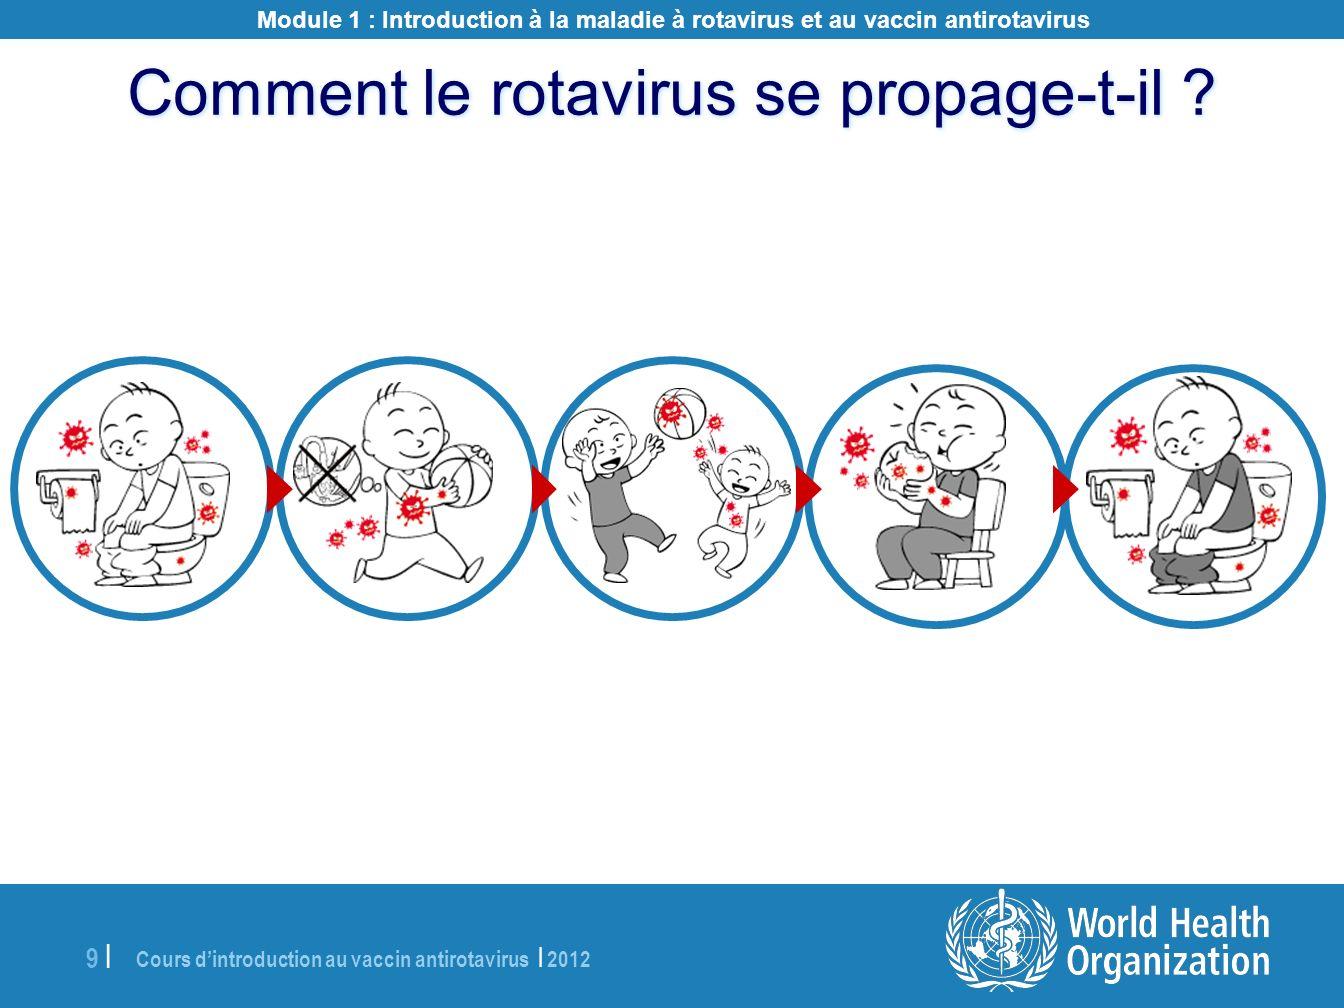 Cours dintroduction au vaccin antirotavirus | 2012 10 | À lattention de lanimateur : Demandez aux participants de répondre à la question ci-dessus, puis donnez-leur les informations suivantes et indiquez-leur les messages clés.